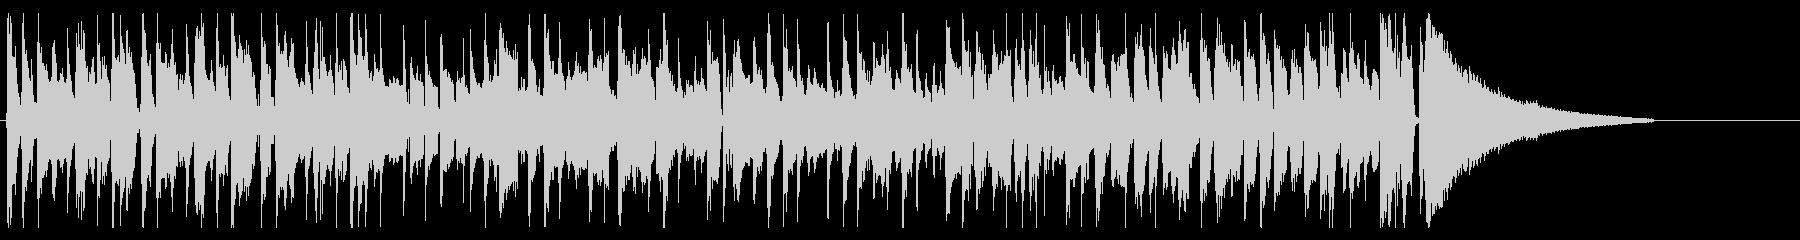 ポップなロカビリーOP,ED向けBGMの未再生の波形